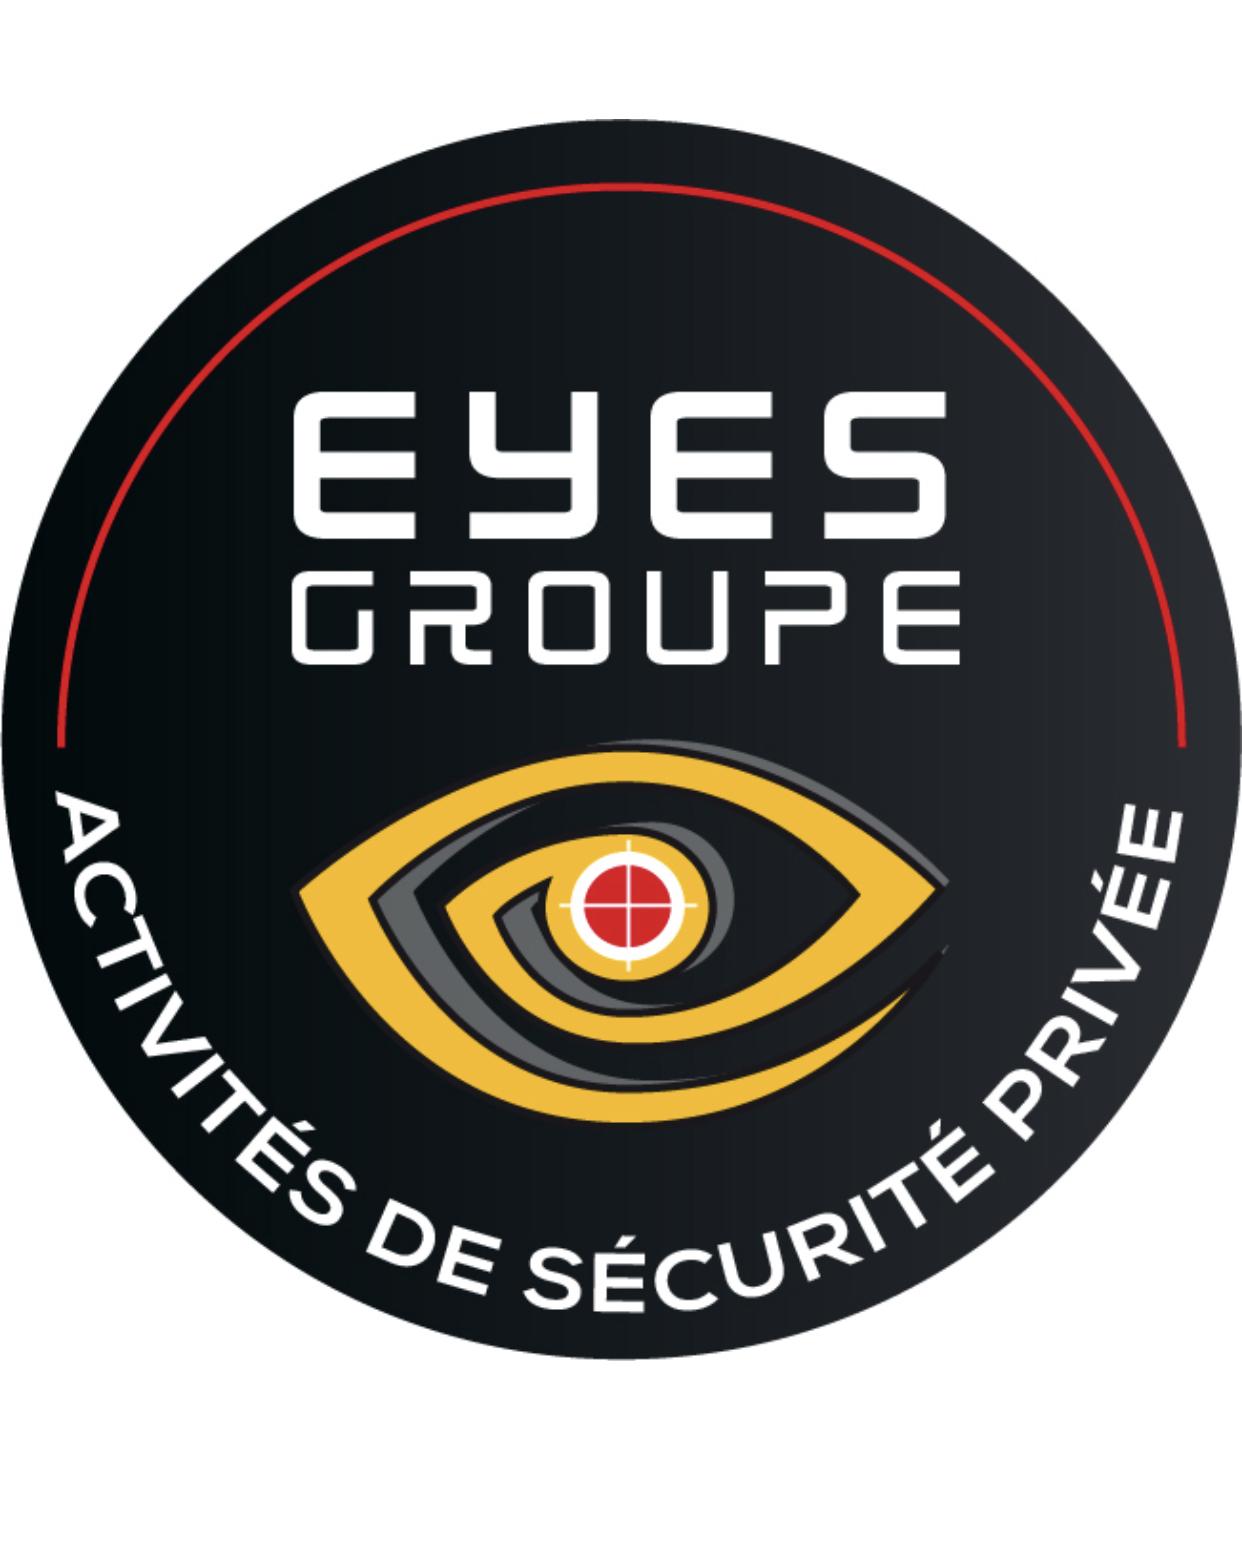 Eyes Group